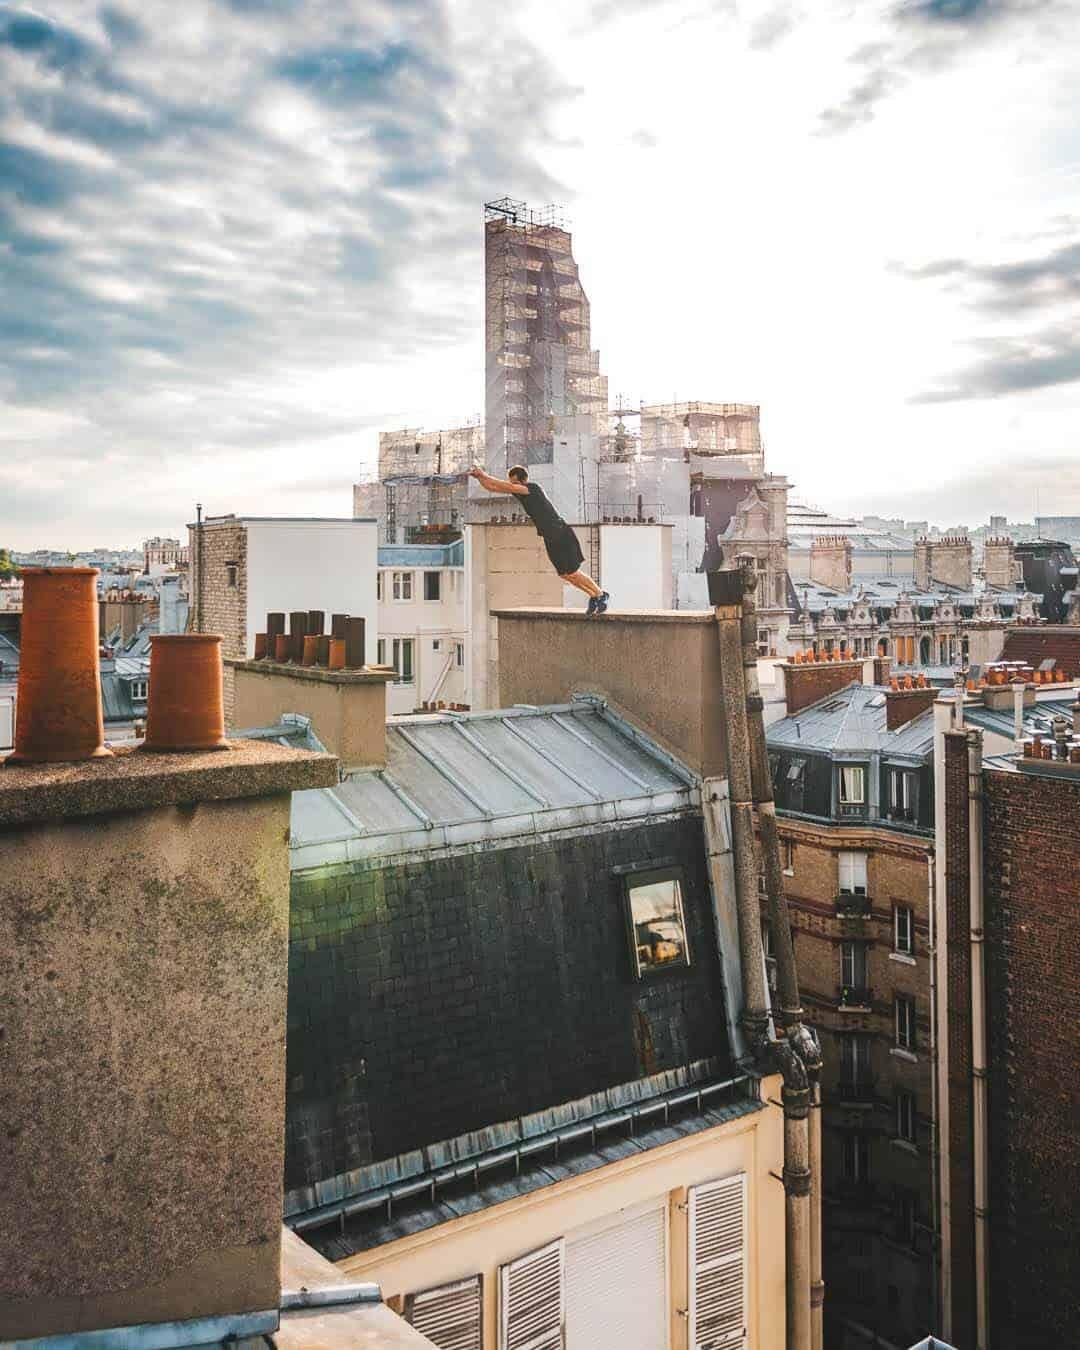 etrefort thibaut parkour clothing outdor paris rooftop pov jump1